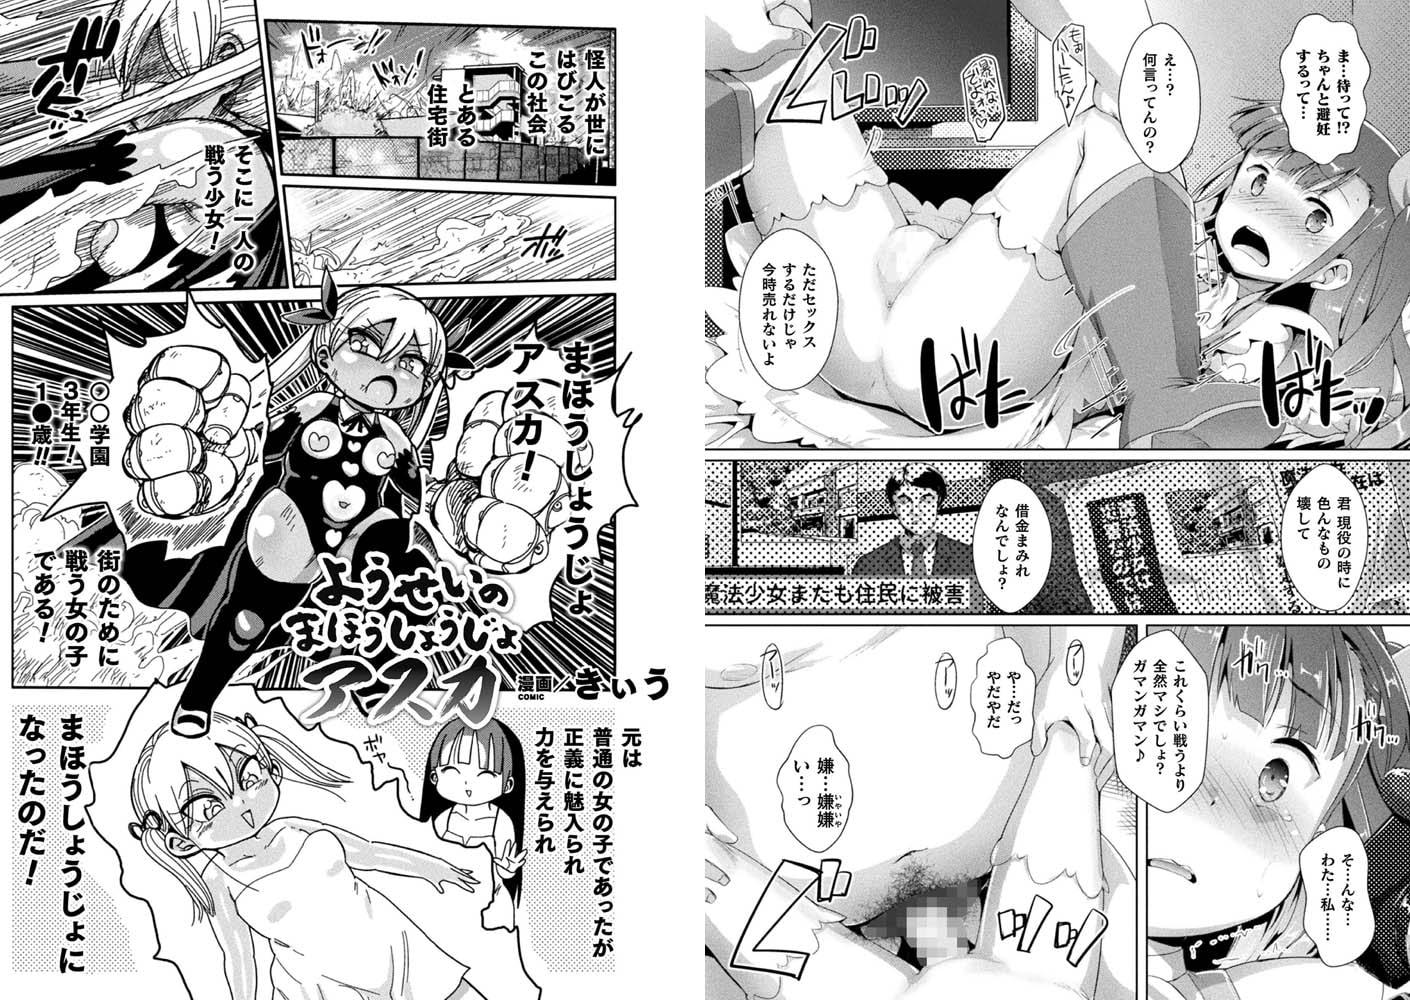 二次元コミックマガジン 変身ヒロインパコパコAVデビューVol.2のサンプル画像